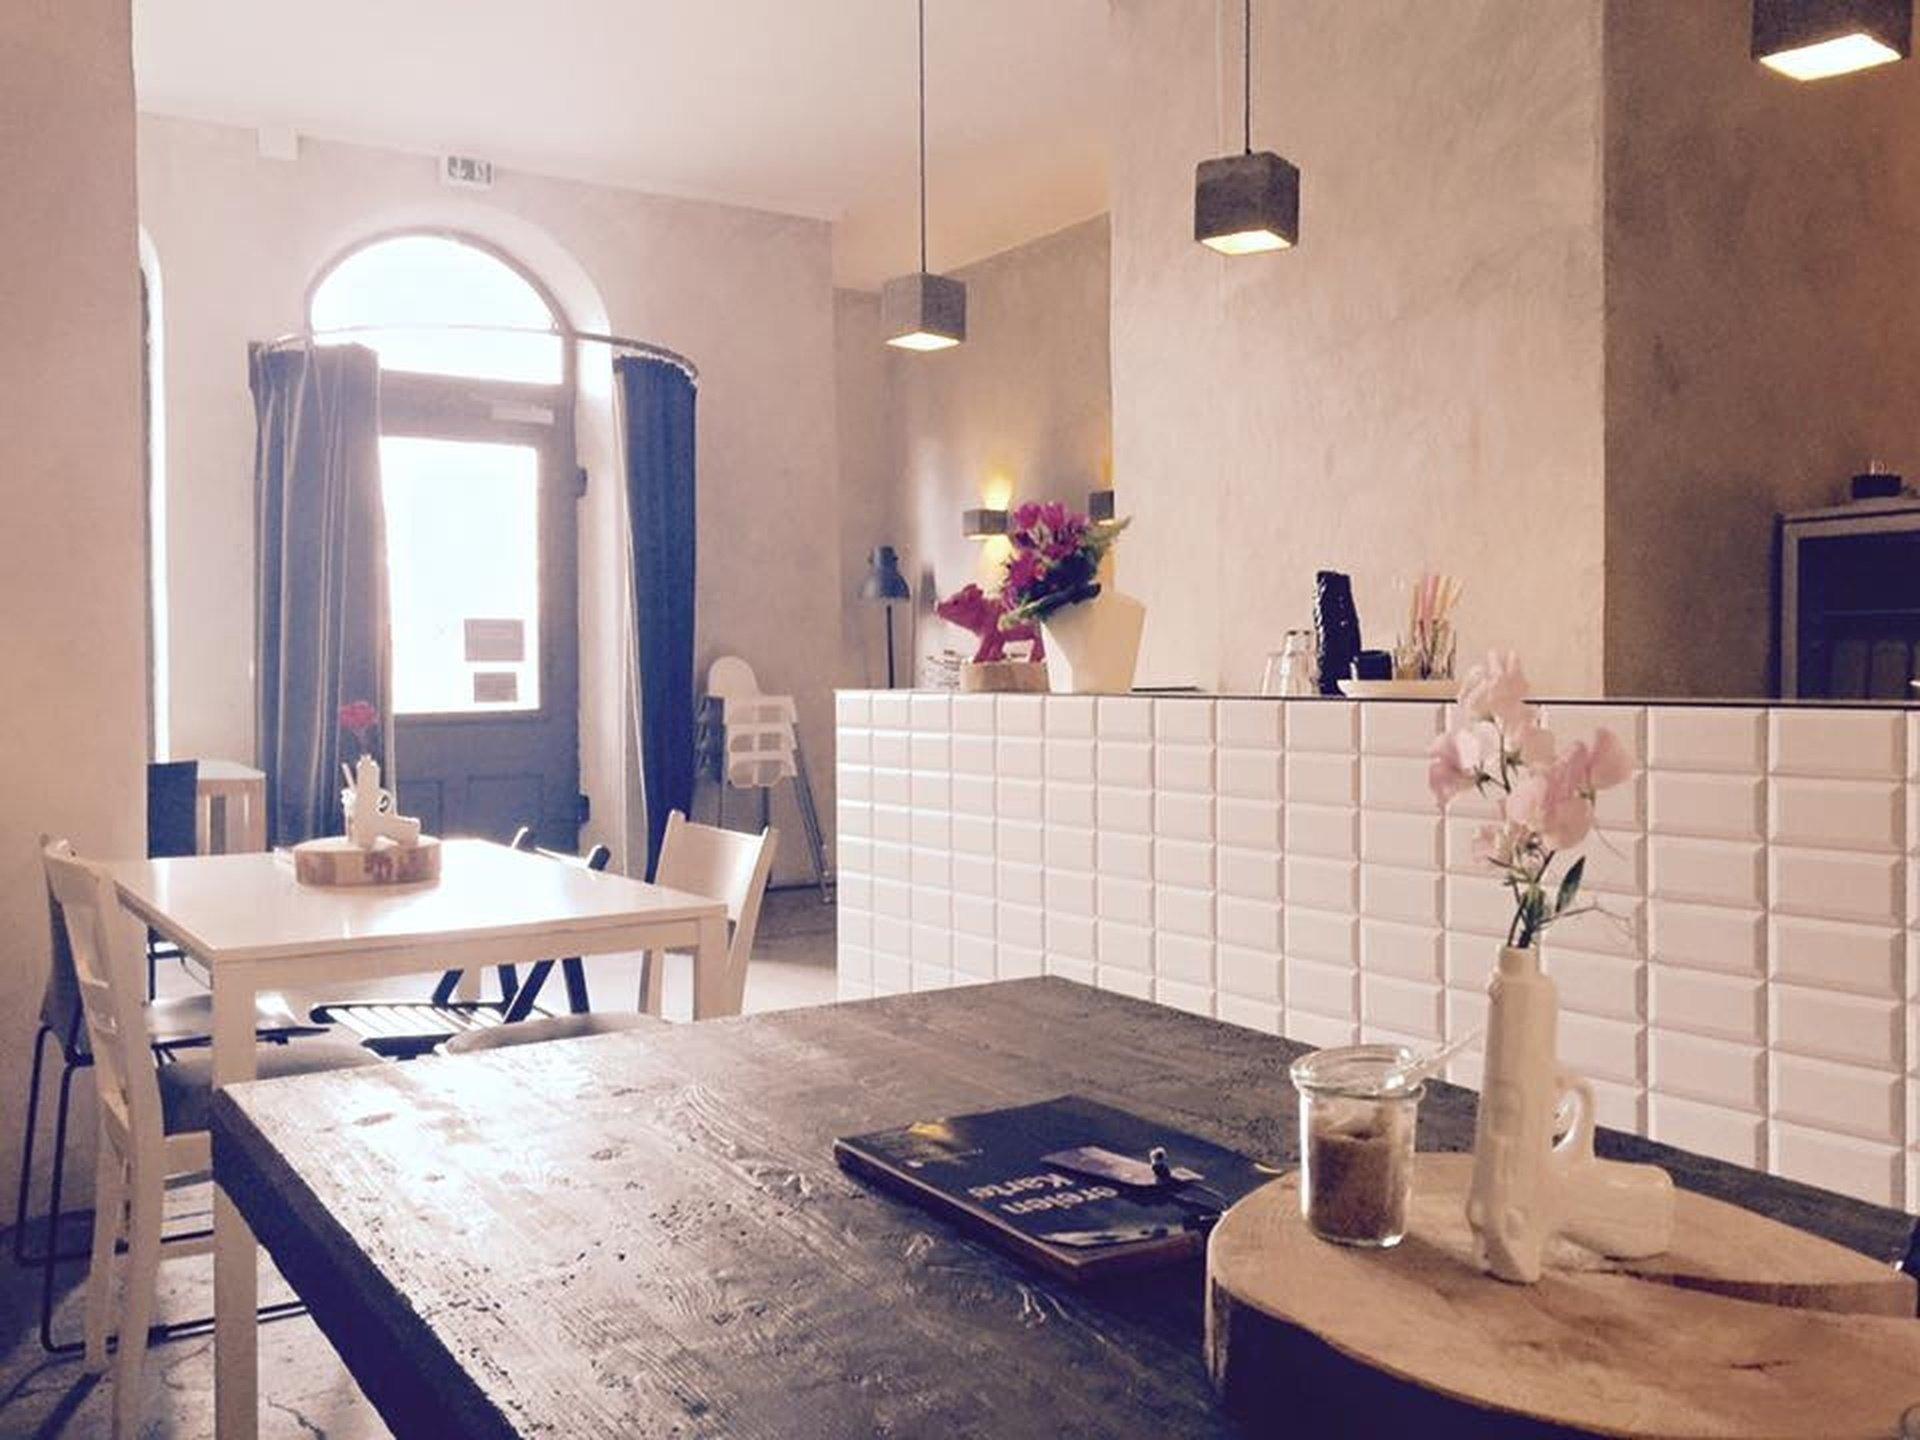 Nuremberg workshop spaces Cafe Deins&Meins image 0